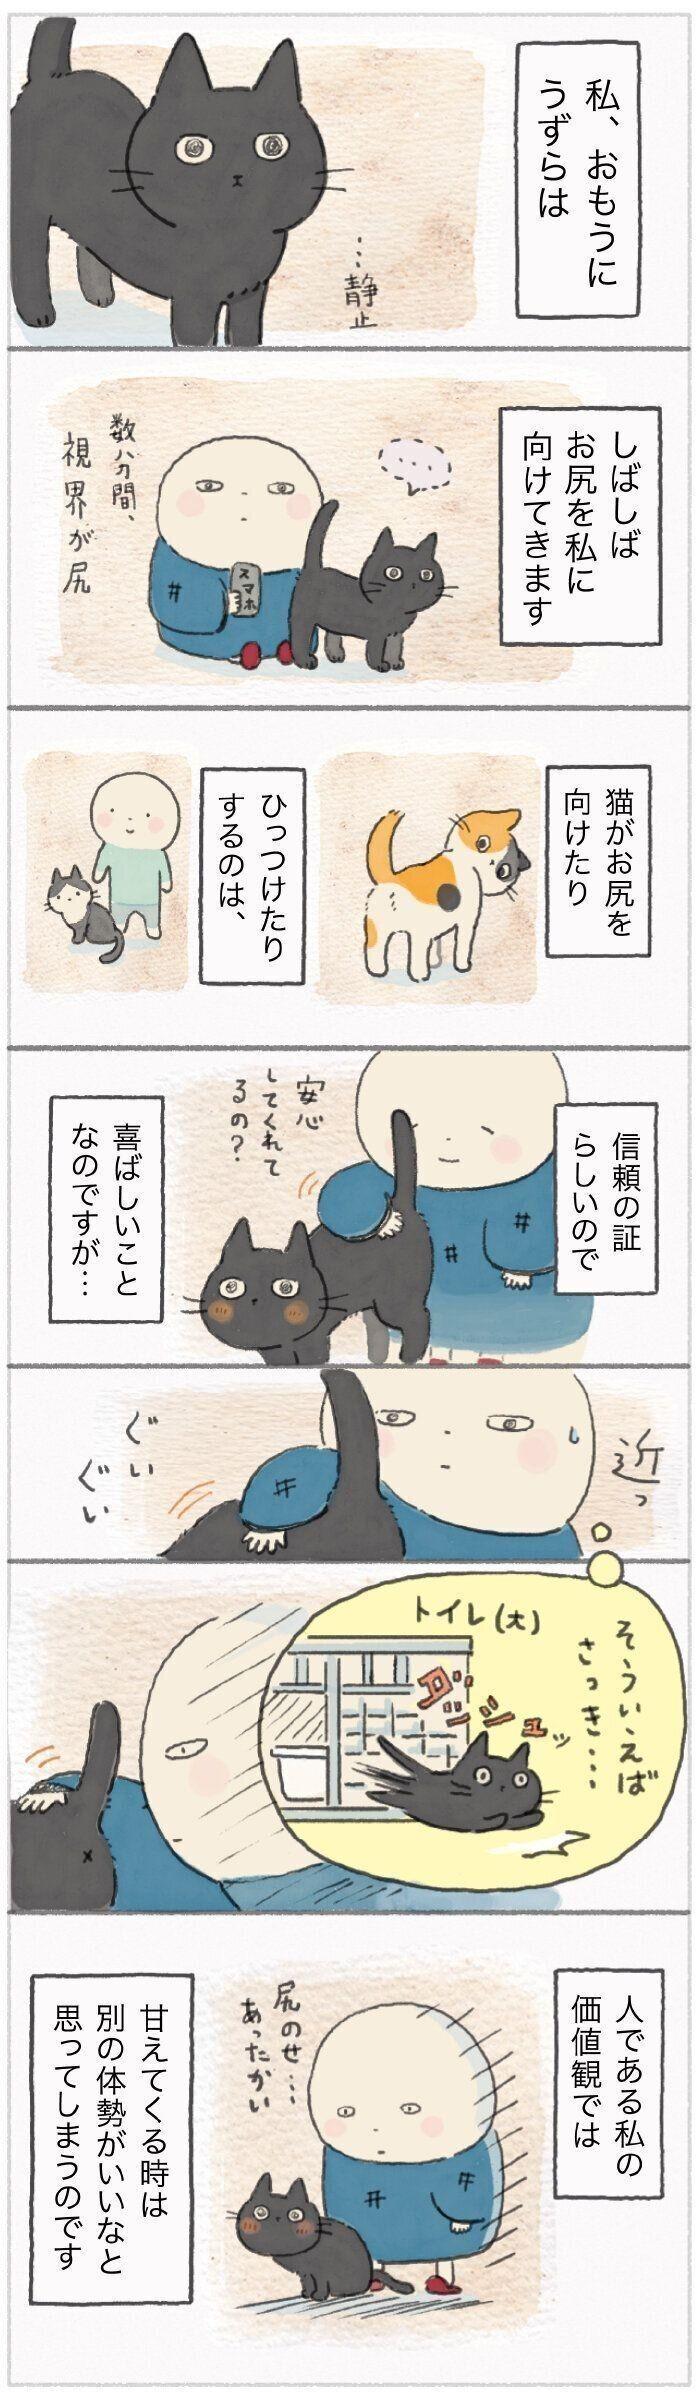 向ける 猫 おしり